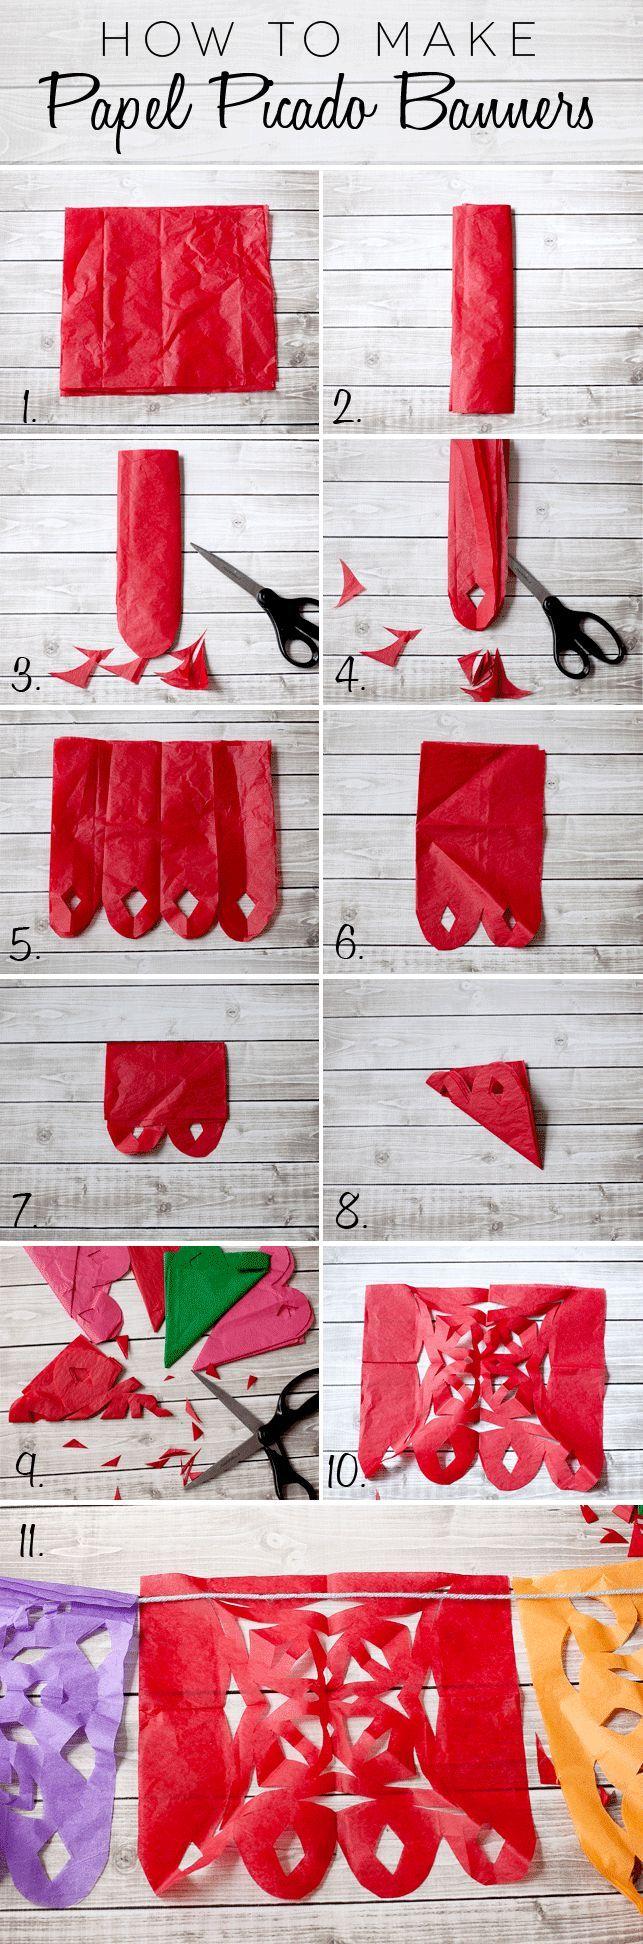 Papel Picado banner tutorial and how to #fiesta Cinco de Mayo